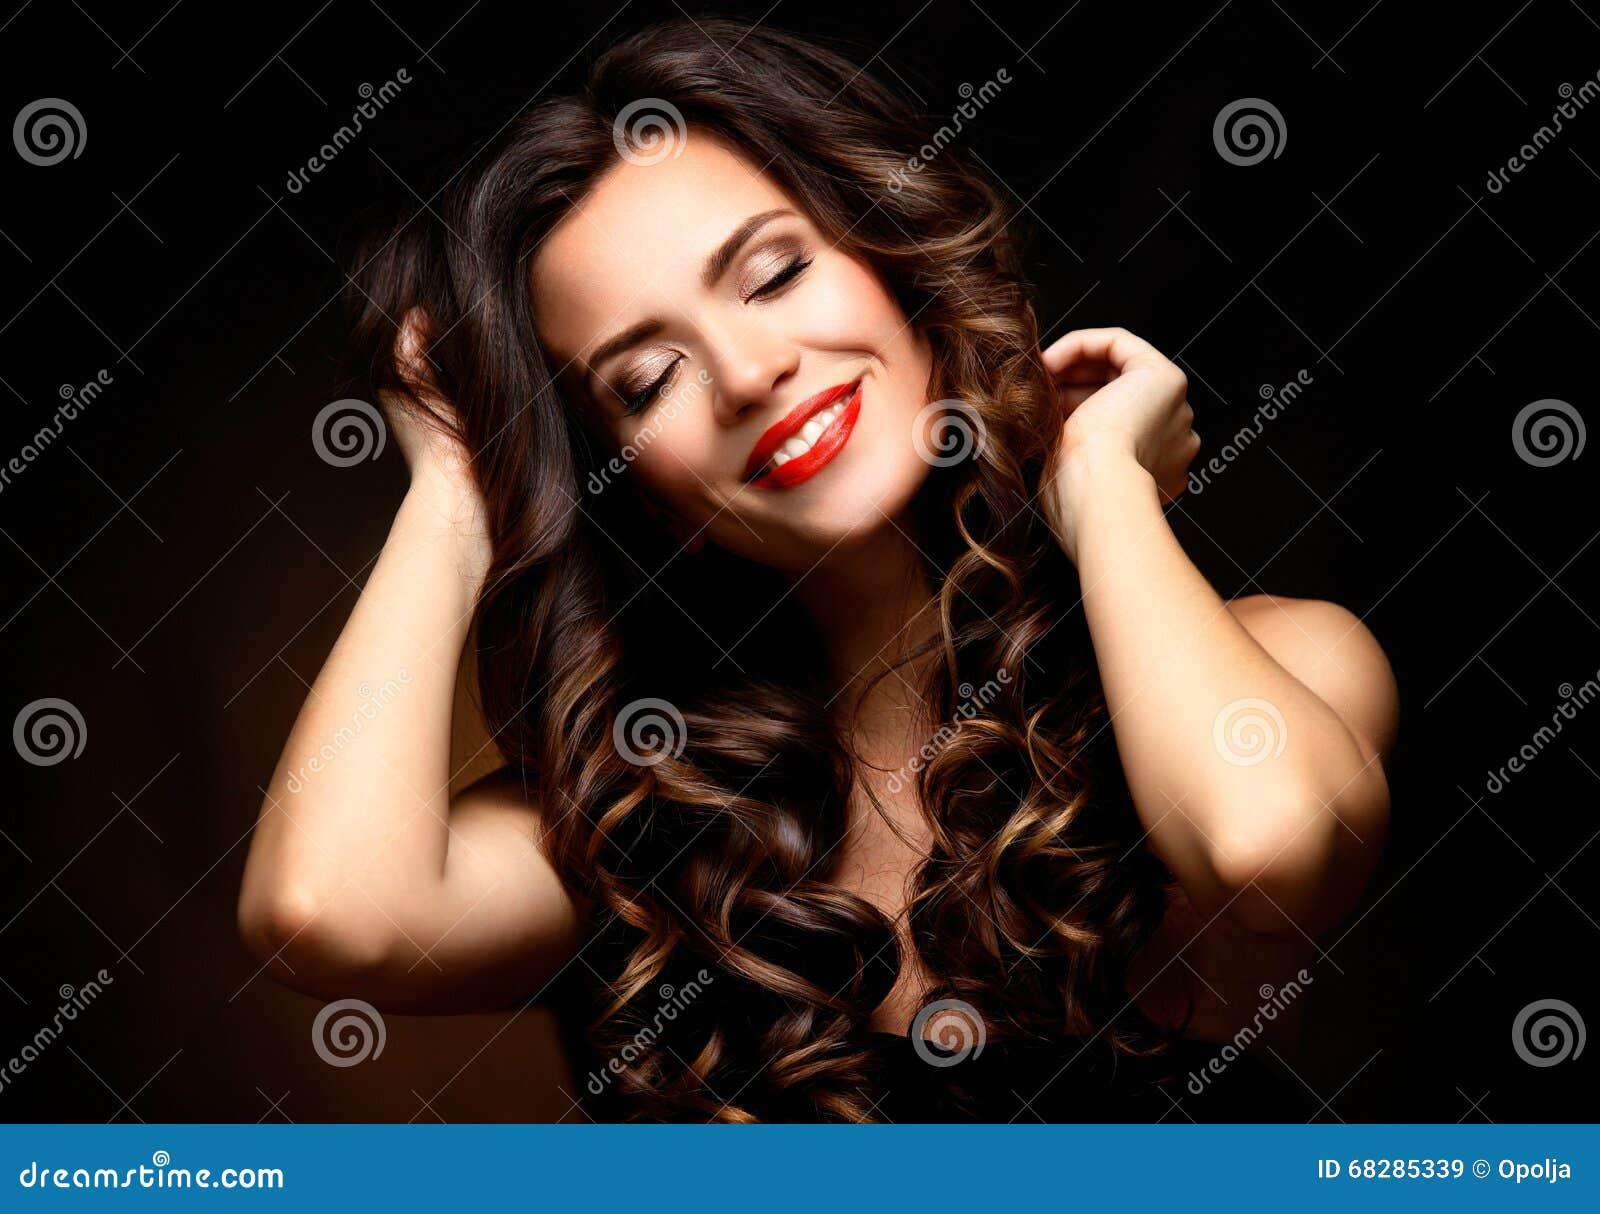 有长的布朗波浪发的秀丽式样妇女 健康头发和美好的专业构成 红色嘴唇和发烟性眼睛